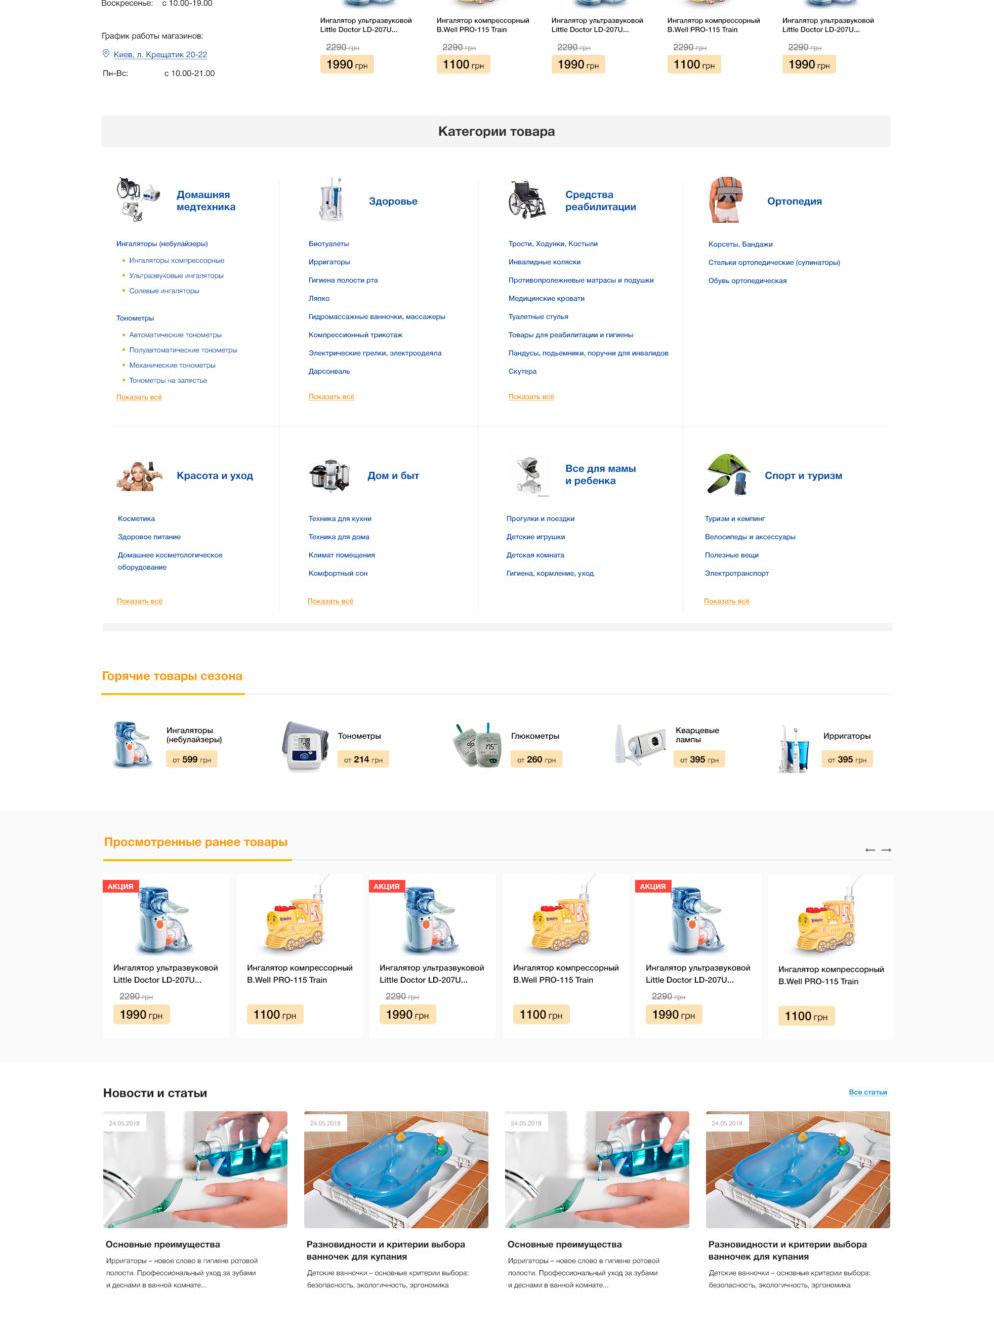 Дизайн сайту - dopomoga главная